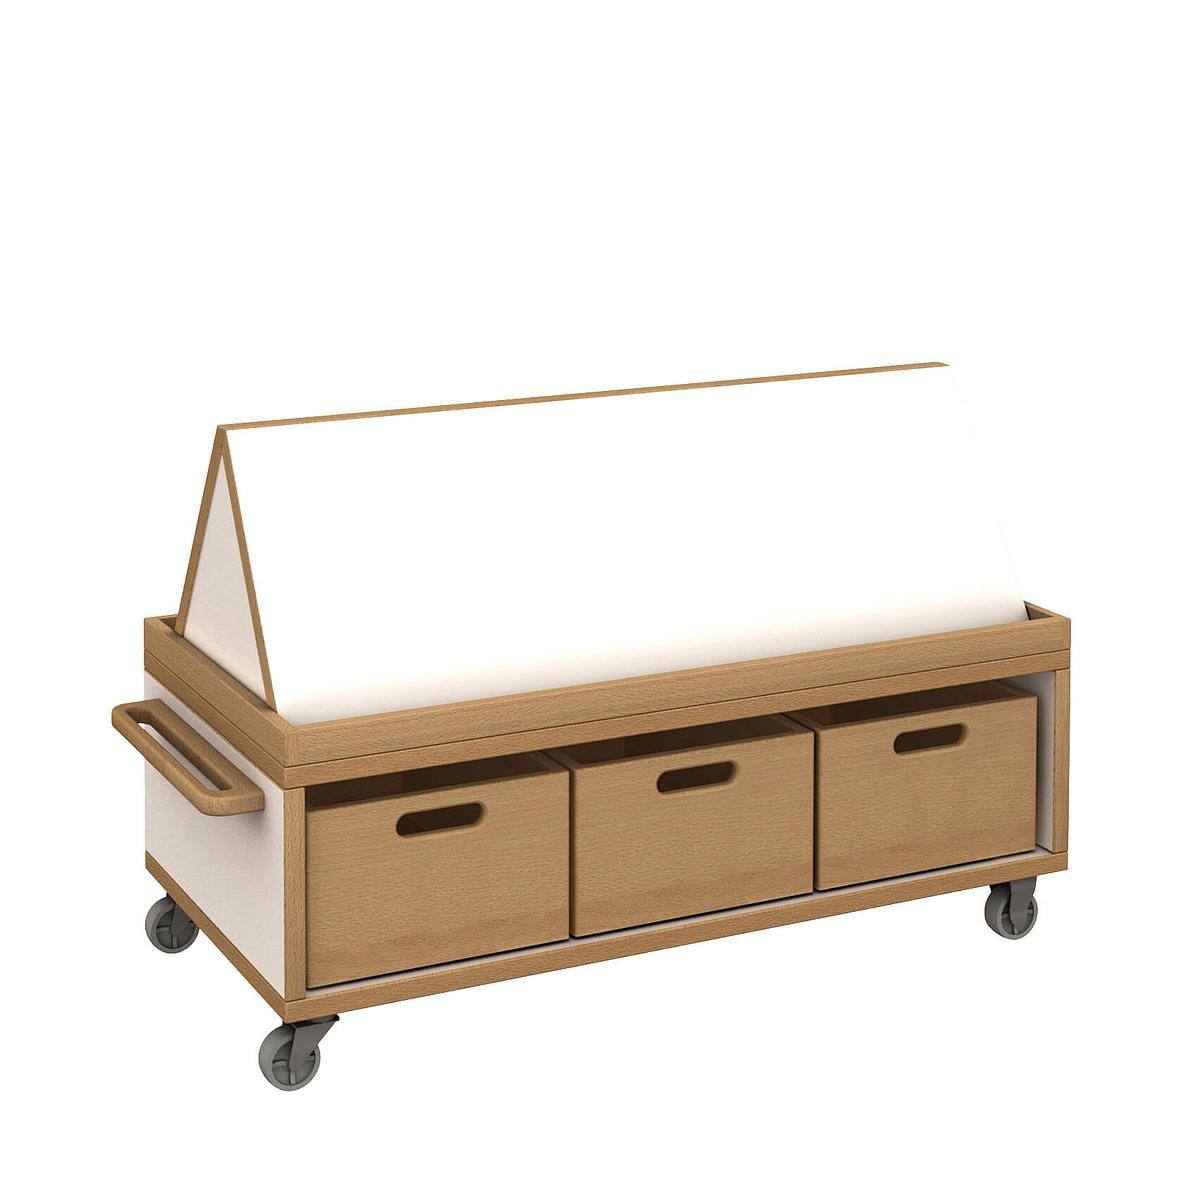 Materialwagen flach mit Buchaufsatz und Kisten - DECOR Debreuyn - Melamin weiß mit Buchenkante